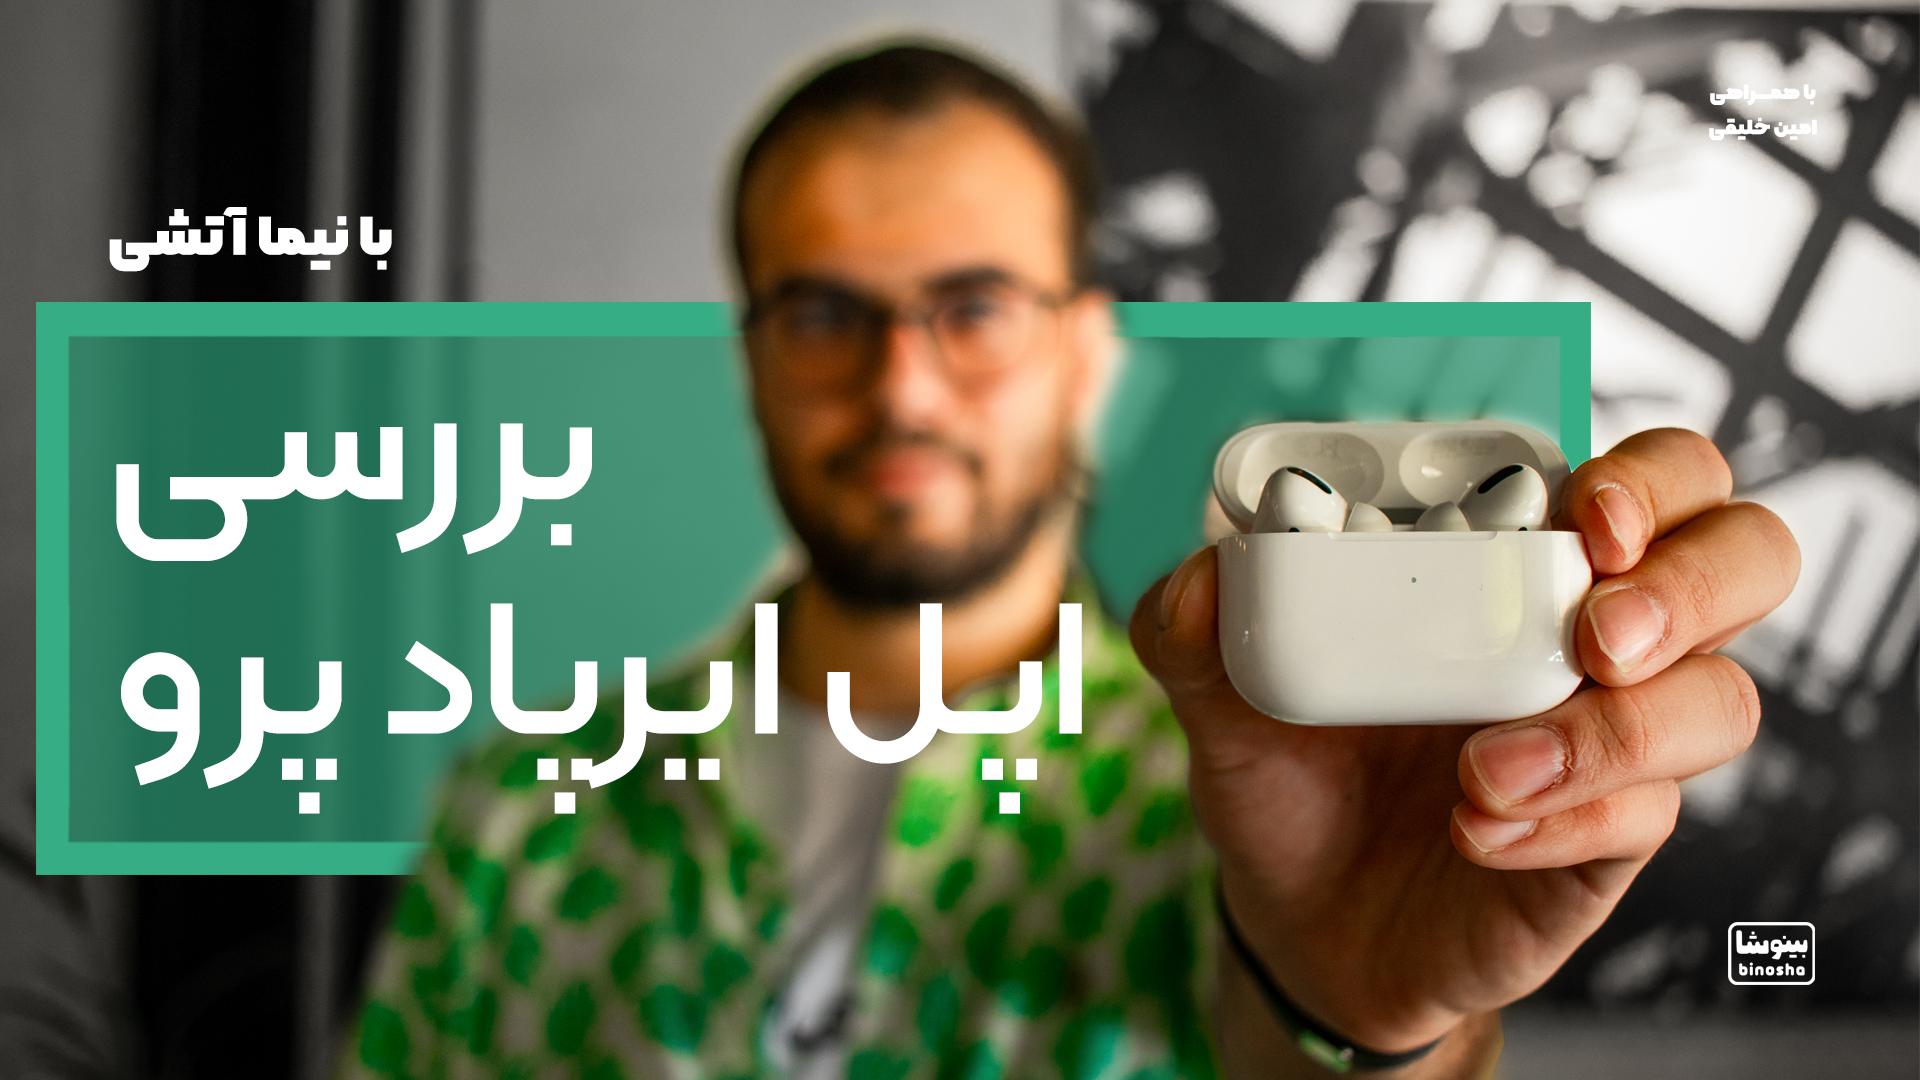 بررسی اپل ایرپاد پرو | Apple AirPod Pro review